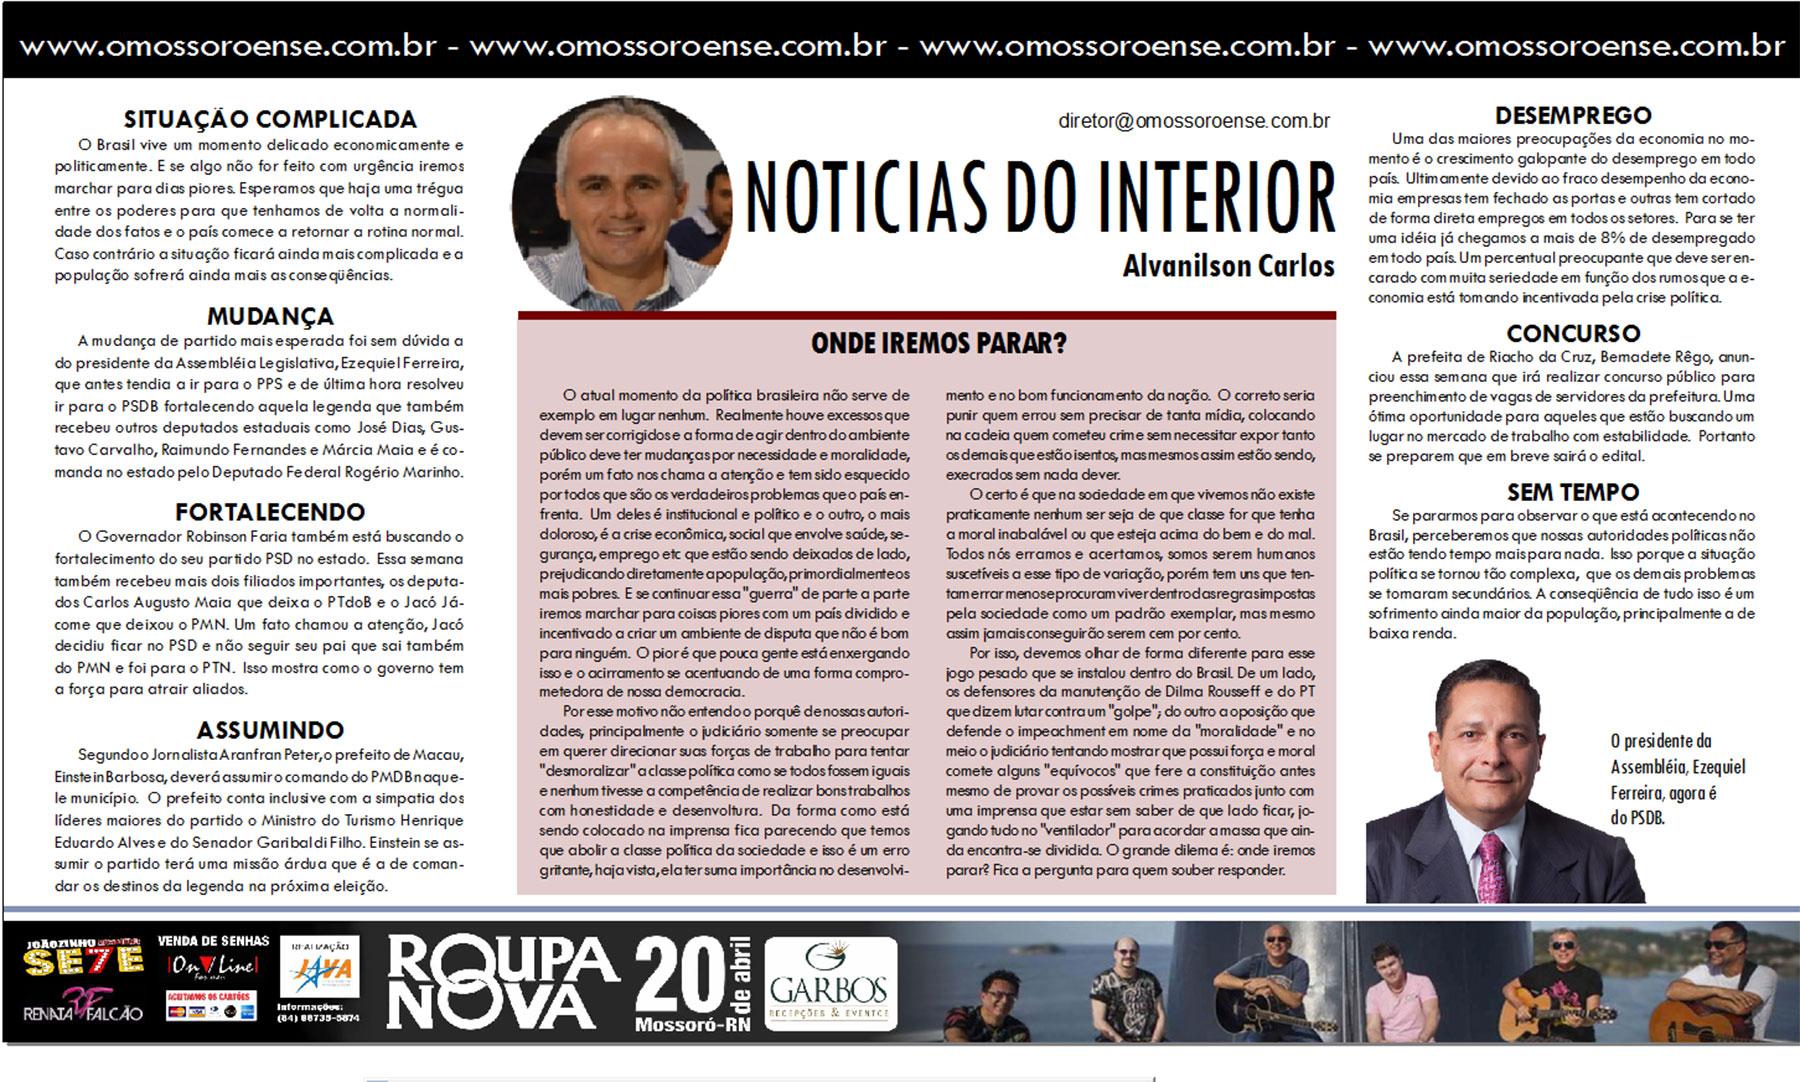 ALVANILSON-CARLOS---NOTICIAS-DO-INTERIOR-20-03